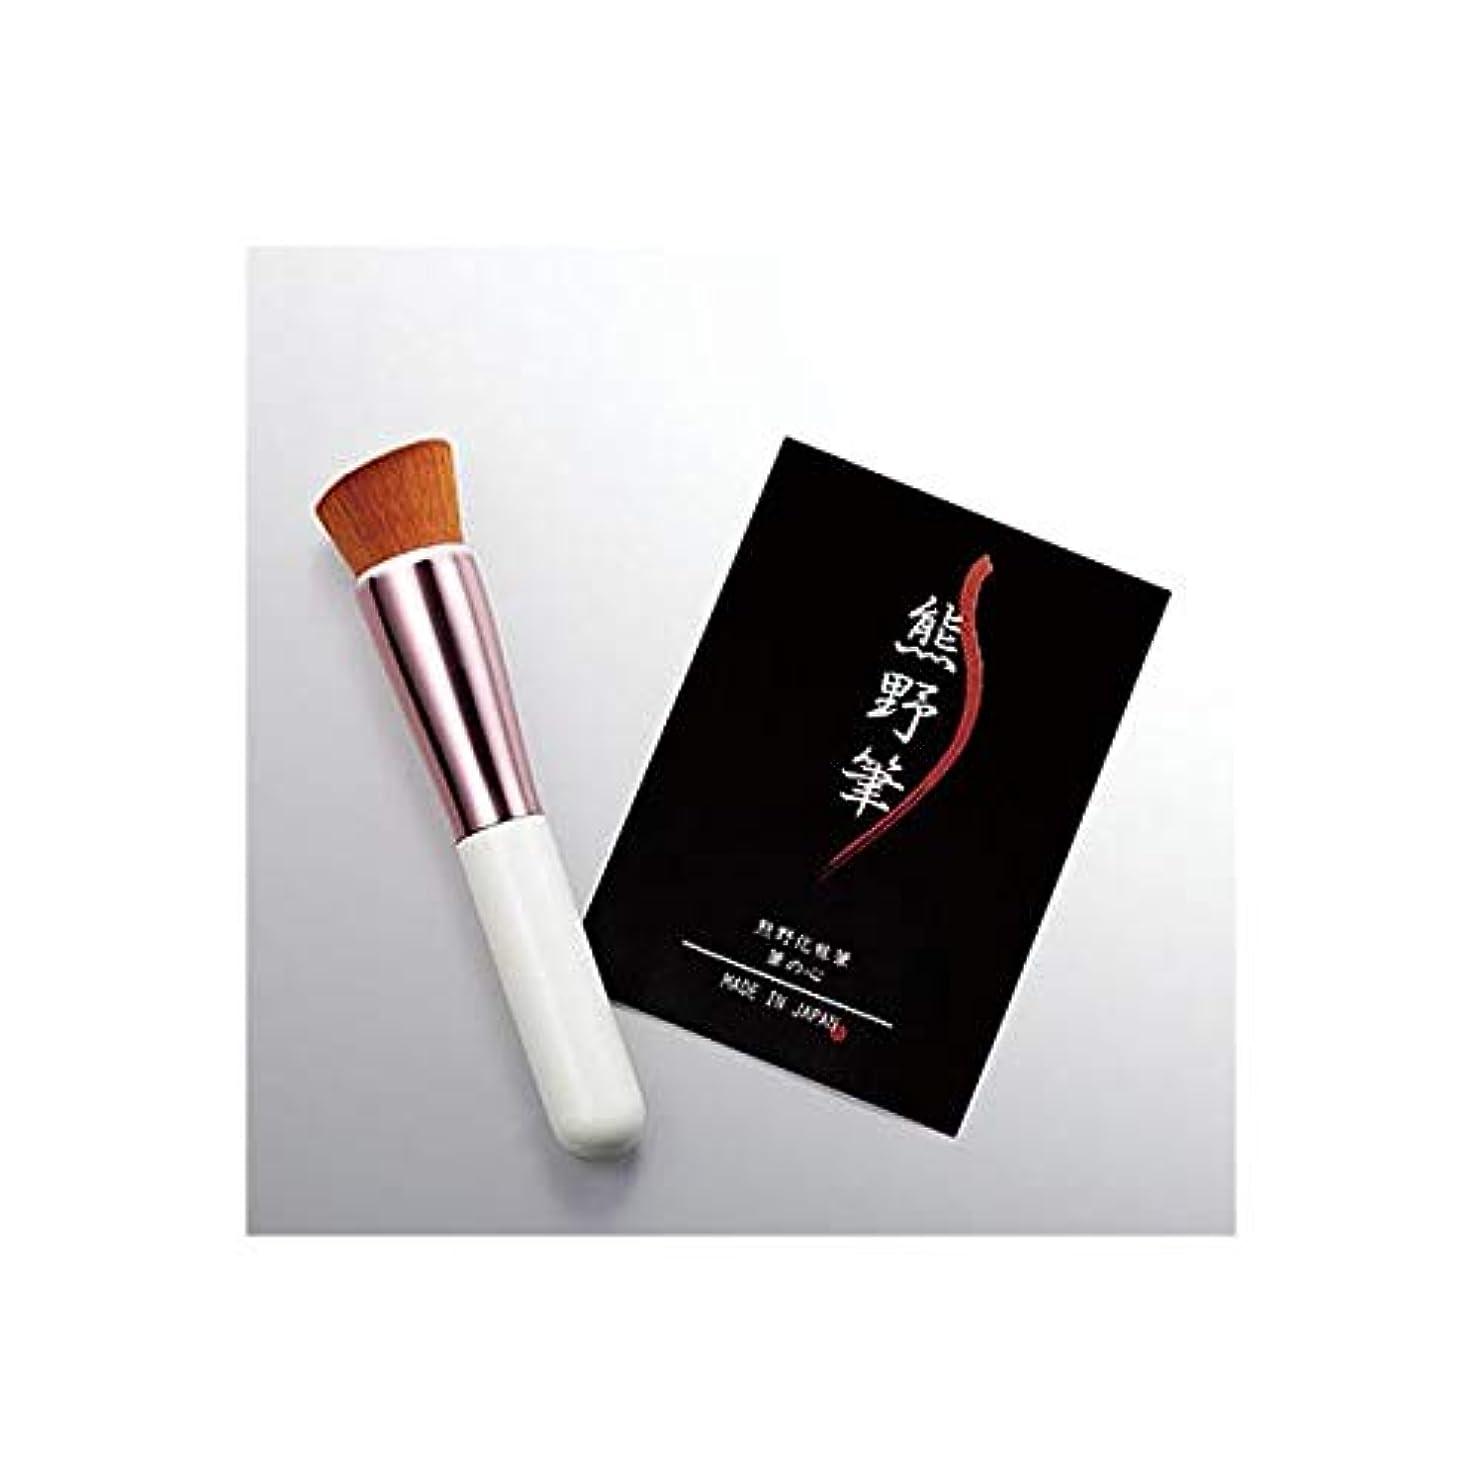 ギャンブル占める検索エンジンマーケティング[熊野化粧筆] 筆の心 リキッドブラシ